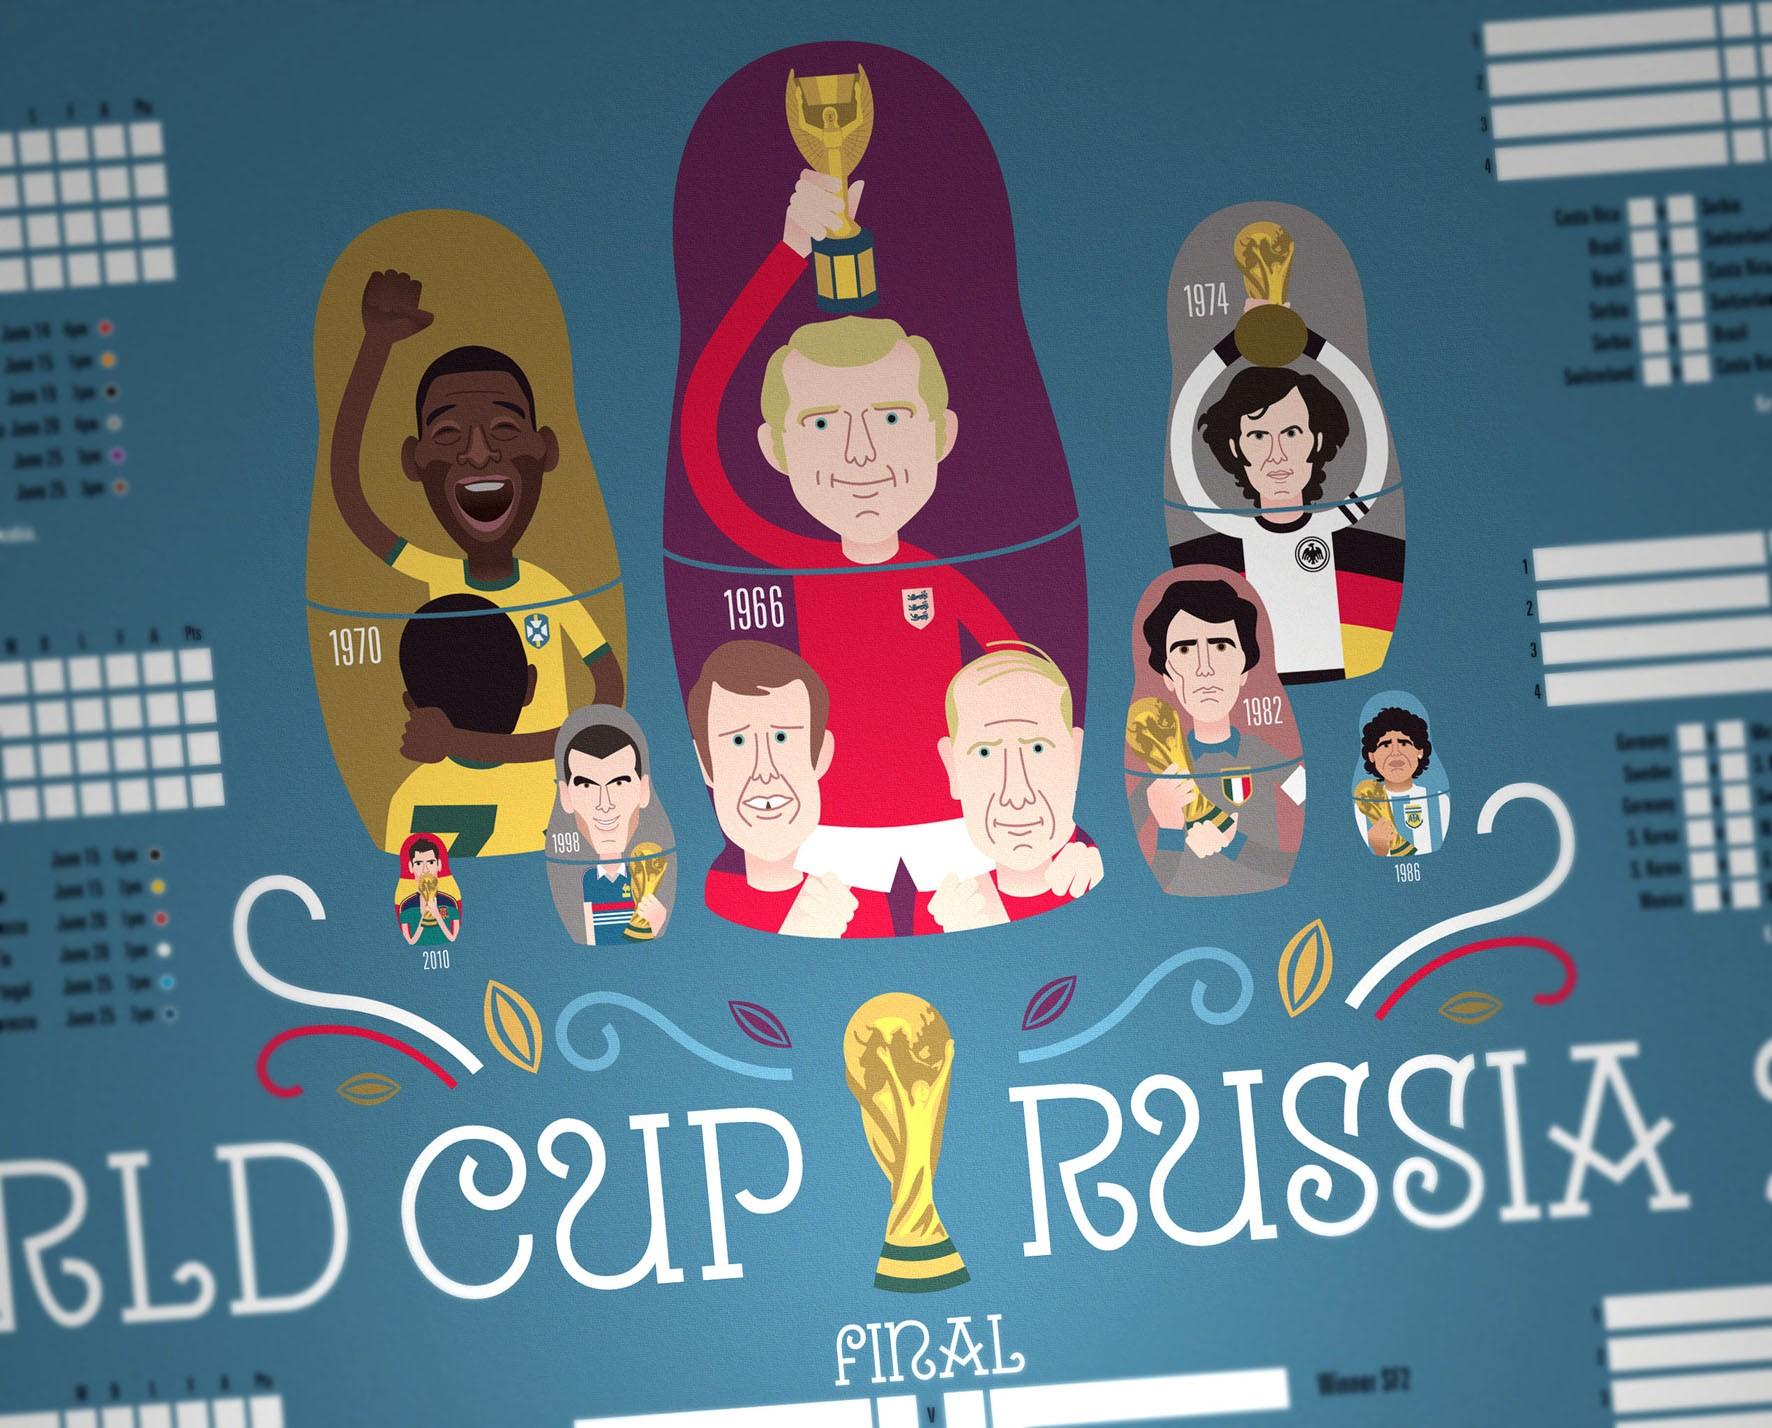 Αποτέλεσμα εικόνας για Over 11,000 Moroccan fans to visit Russia for FIFA World Cup, limited travel for North East